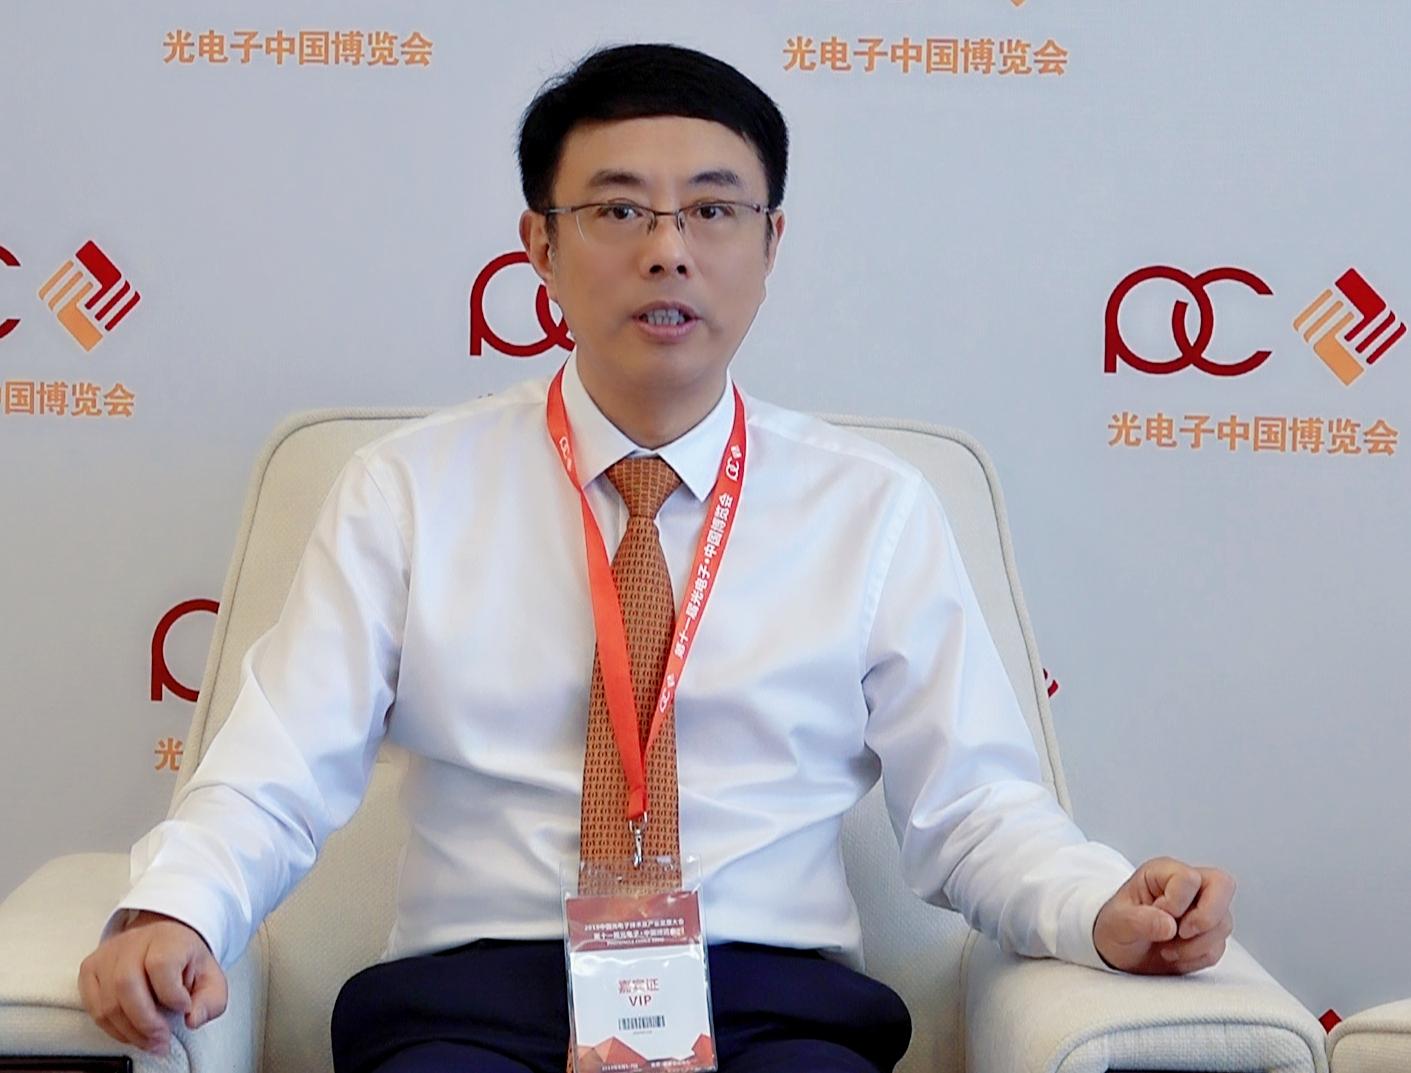 毛磊:中国超分辨率显微光学将引领未来技术发展